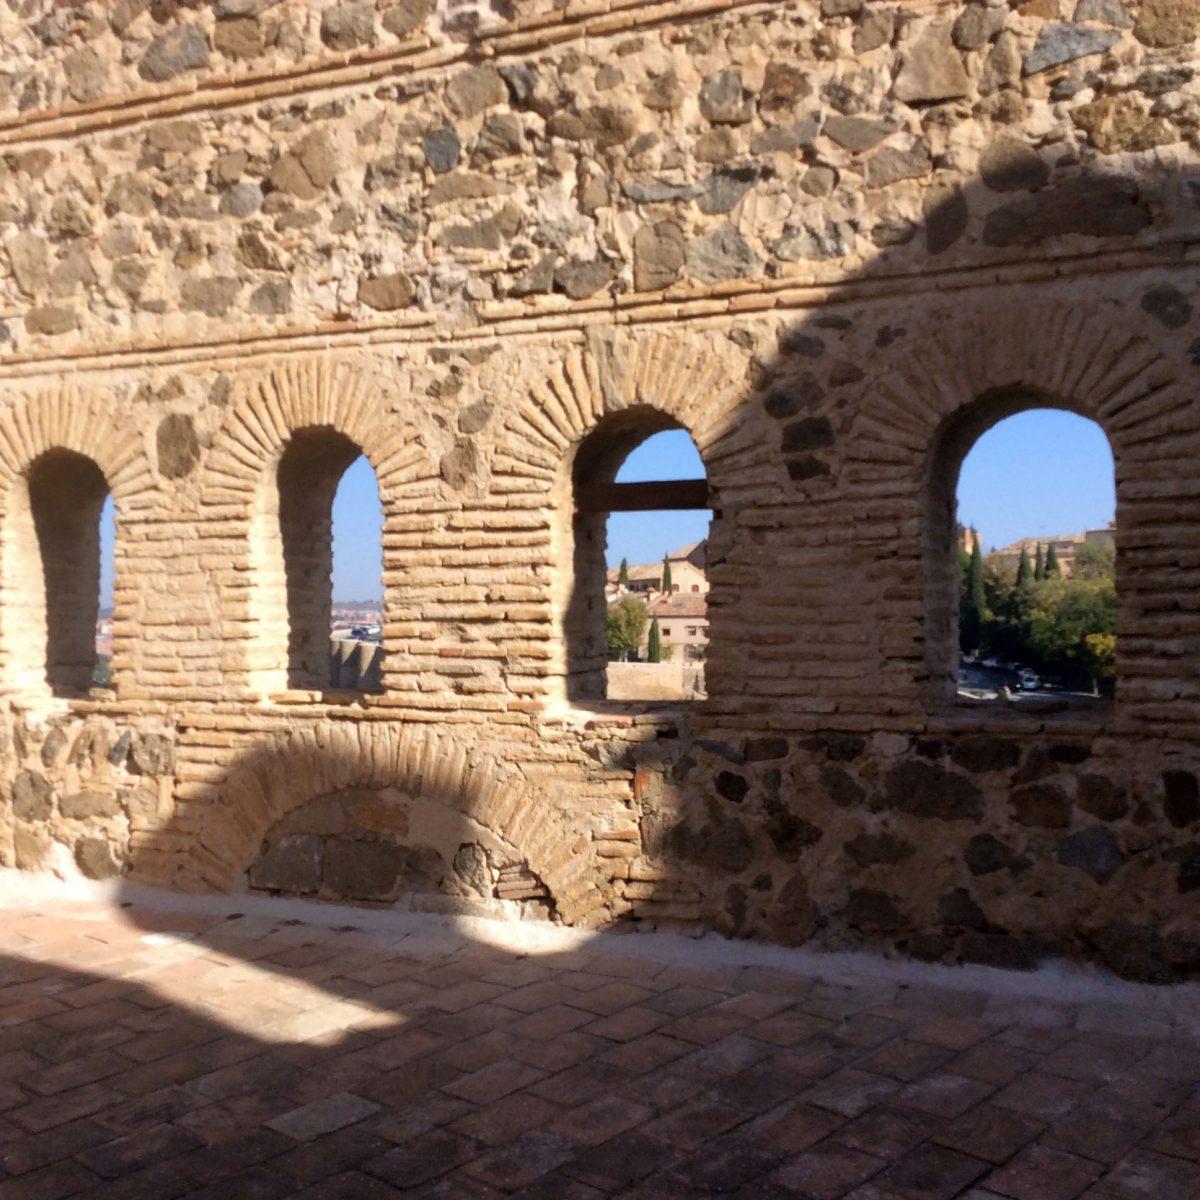 El Programa de Empleo del Ayuntamiento aborda el arreglo de desperfectos en el torreón oeste del puente de San Martín